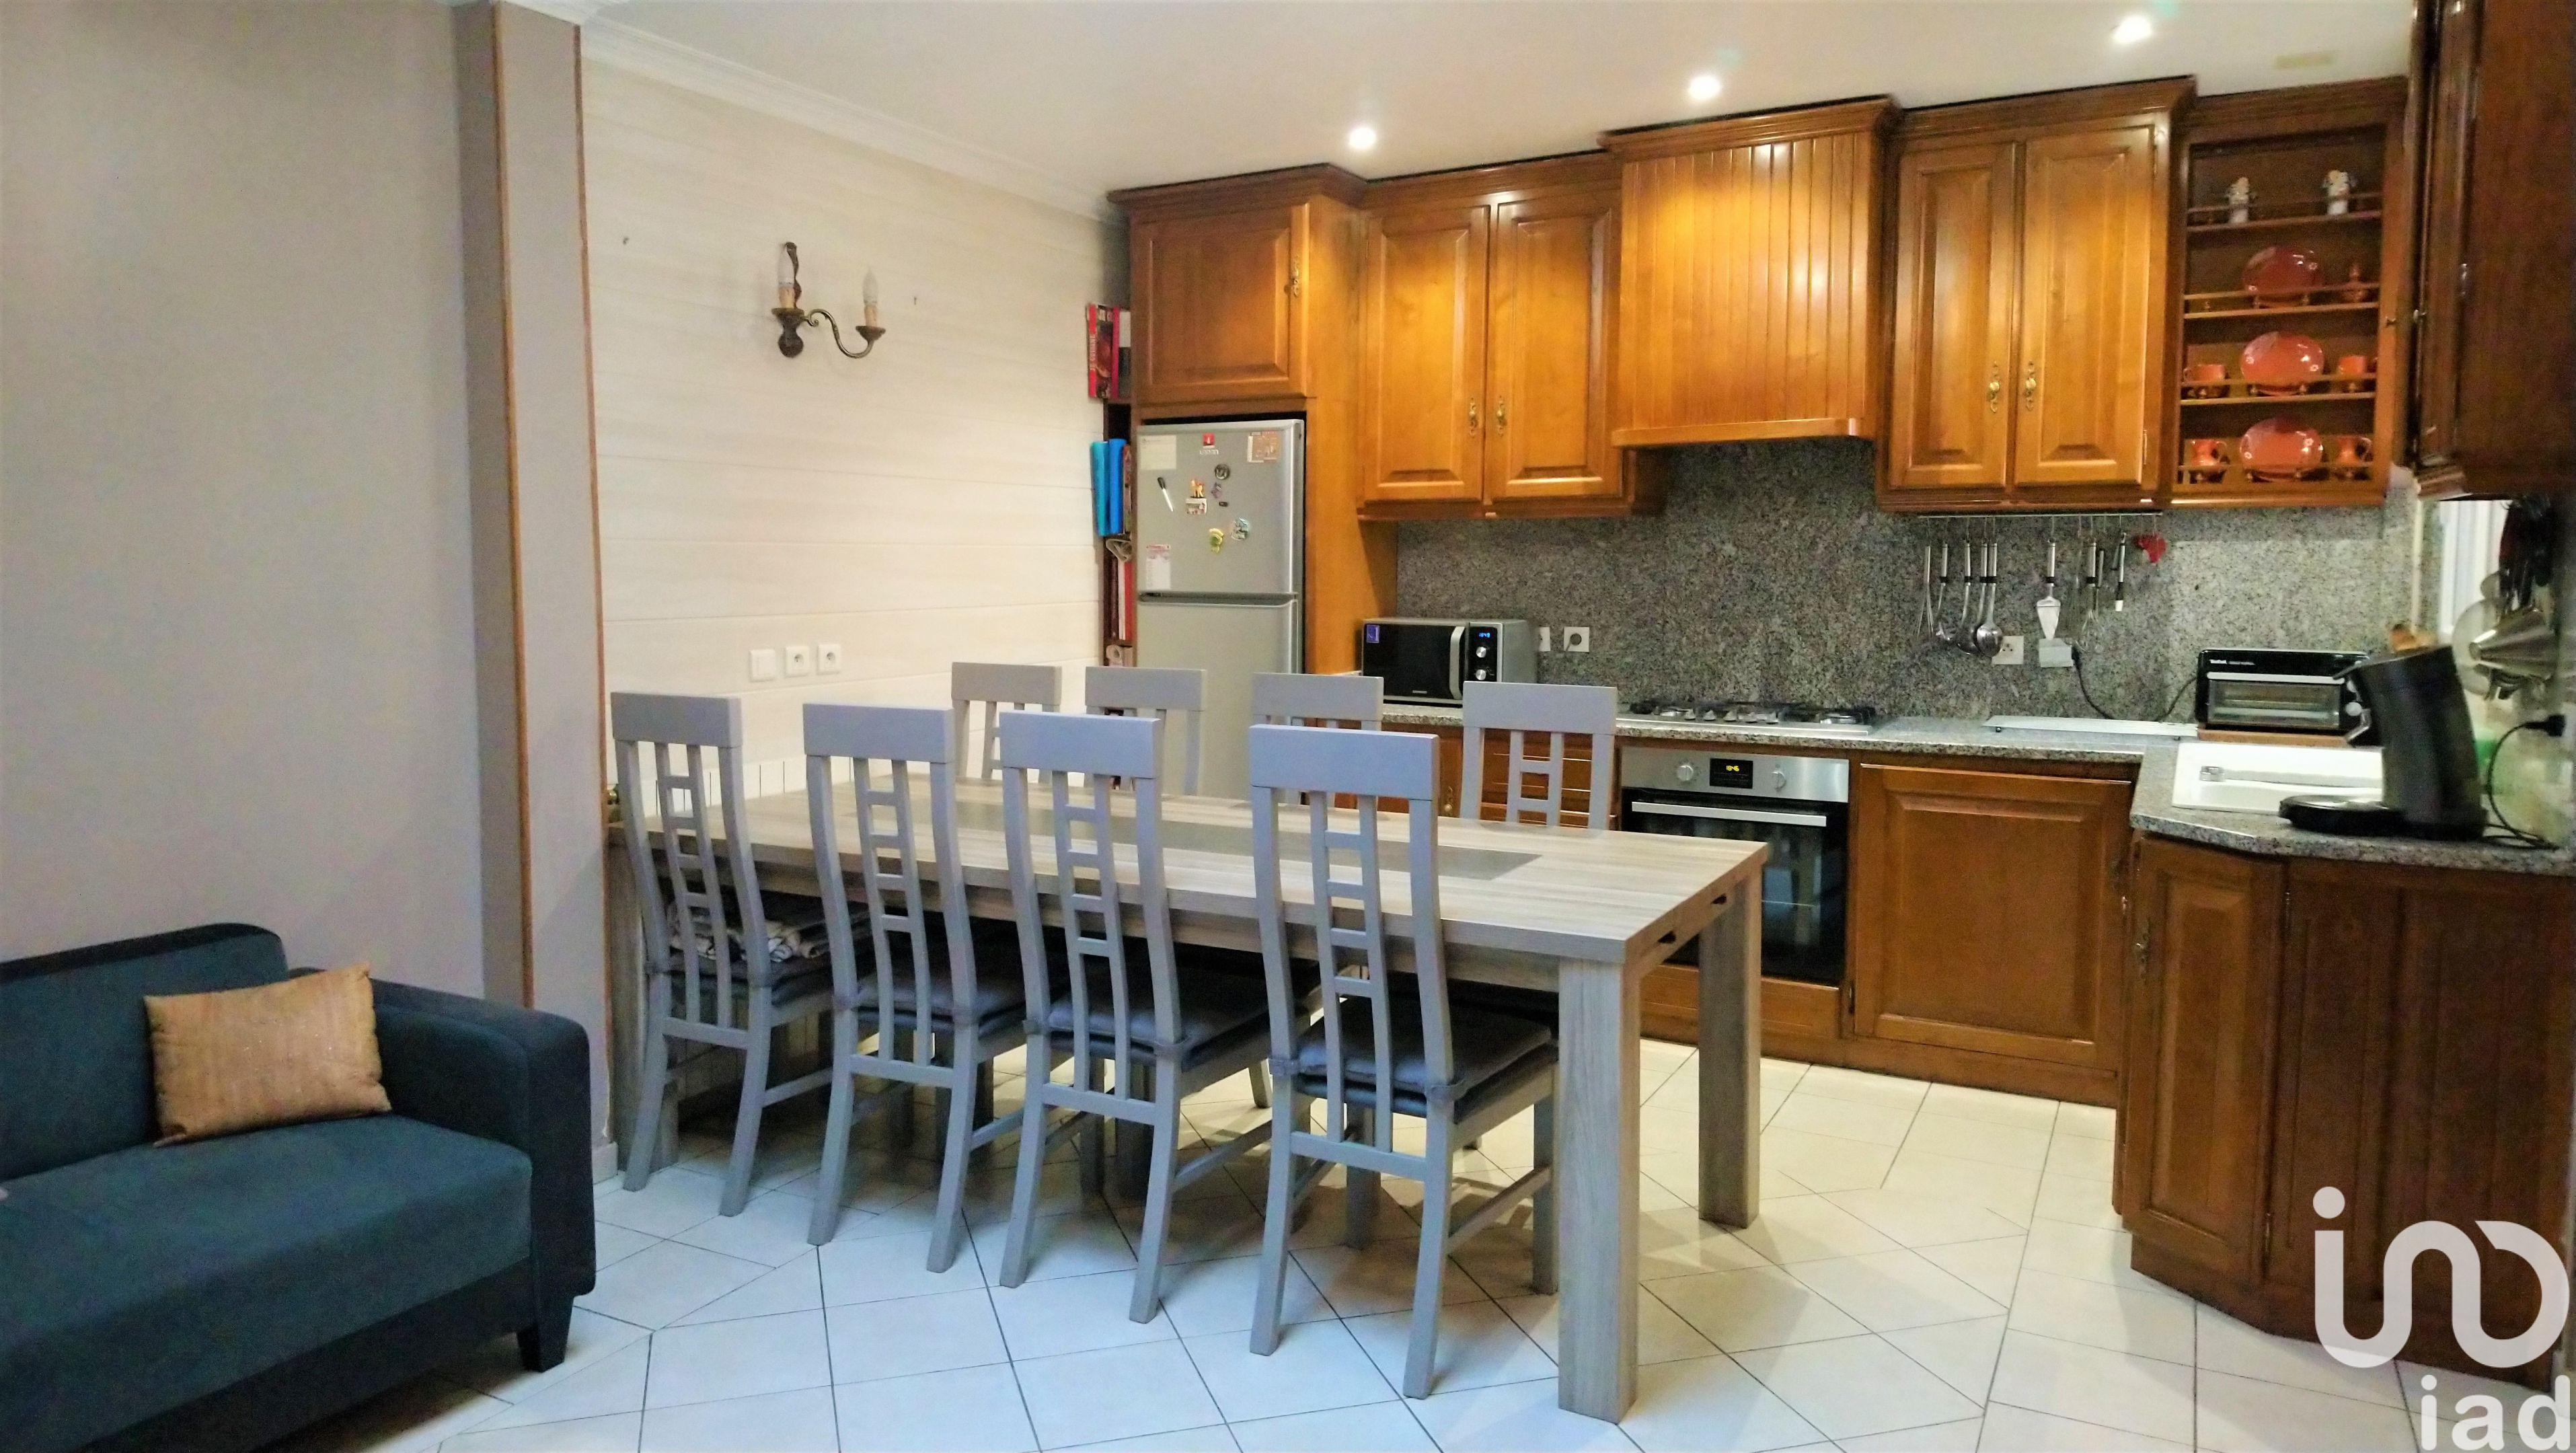 Maison a vendre colombes - 4 pièce(s) - 71 m2 - Surfyn